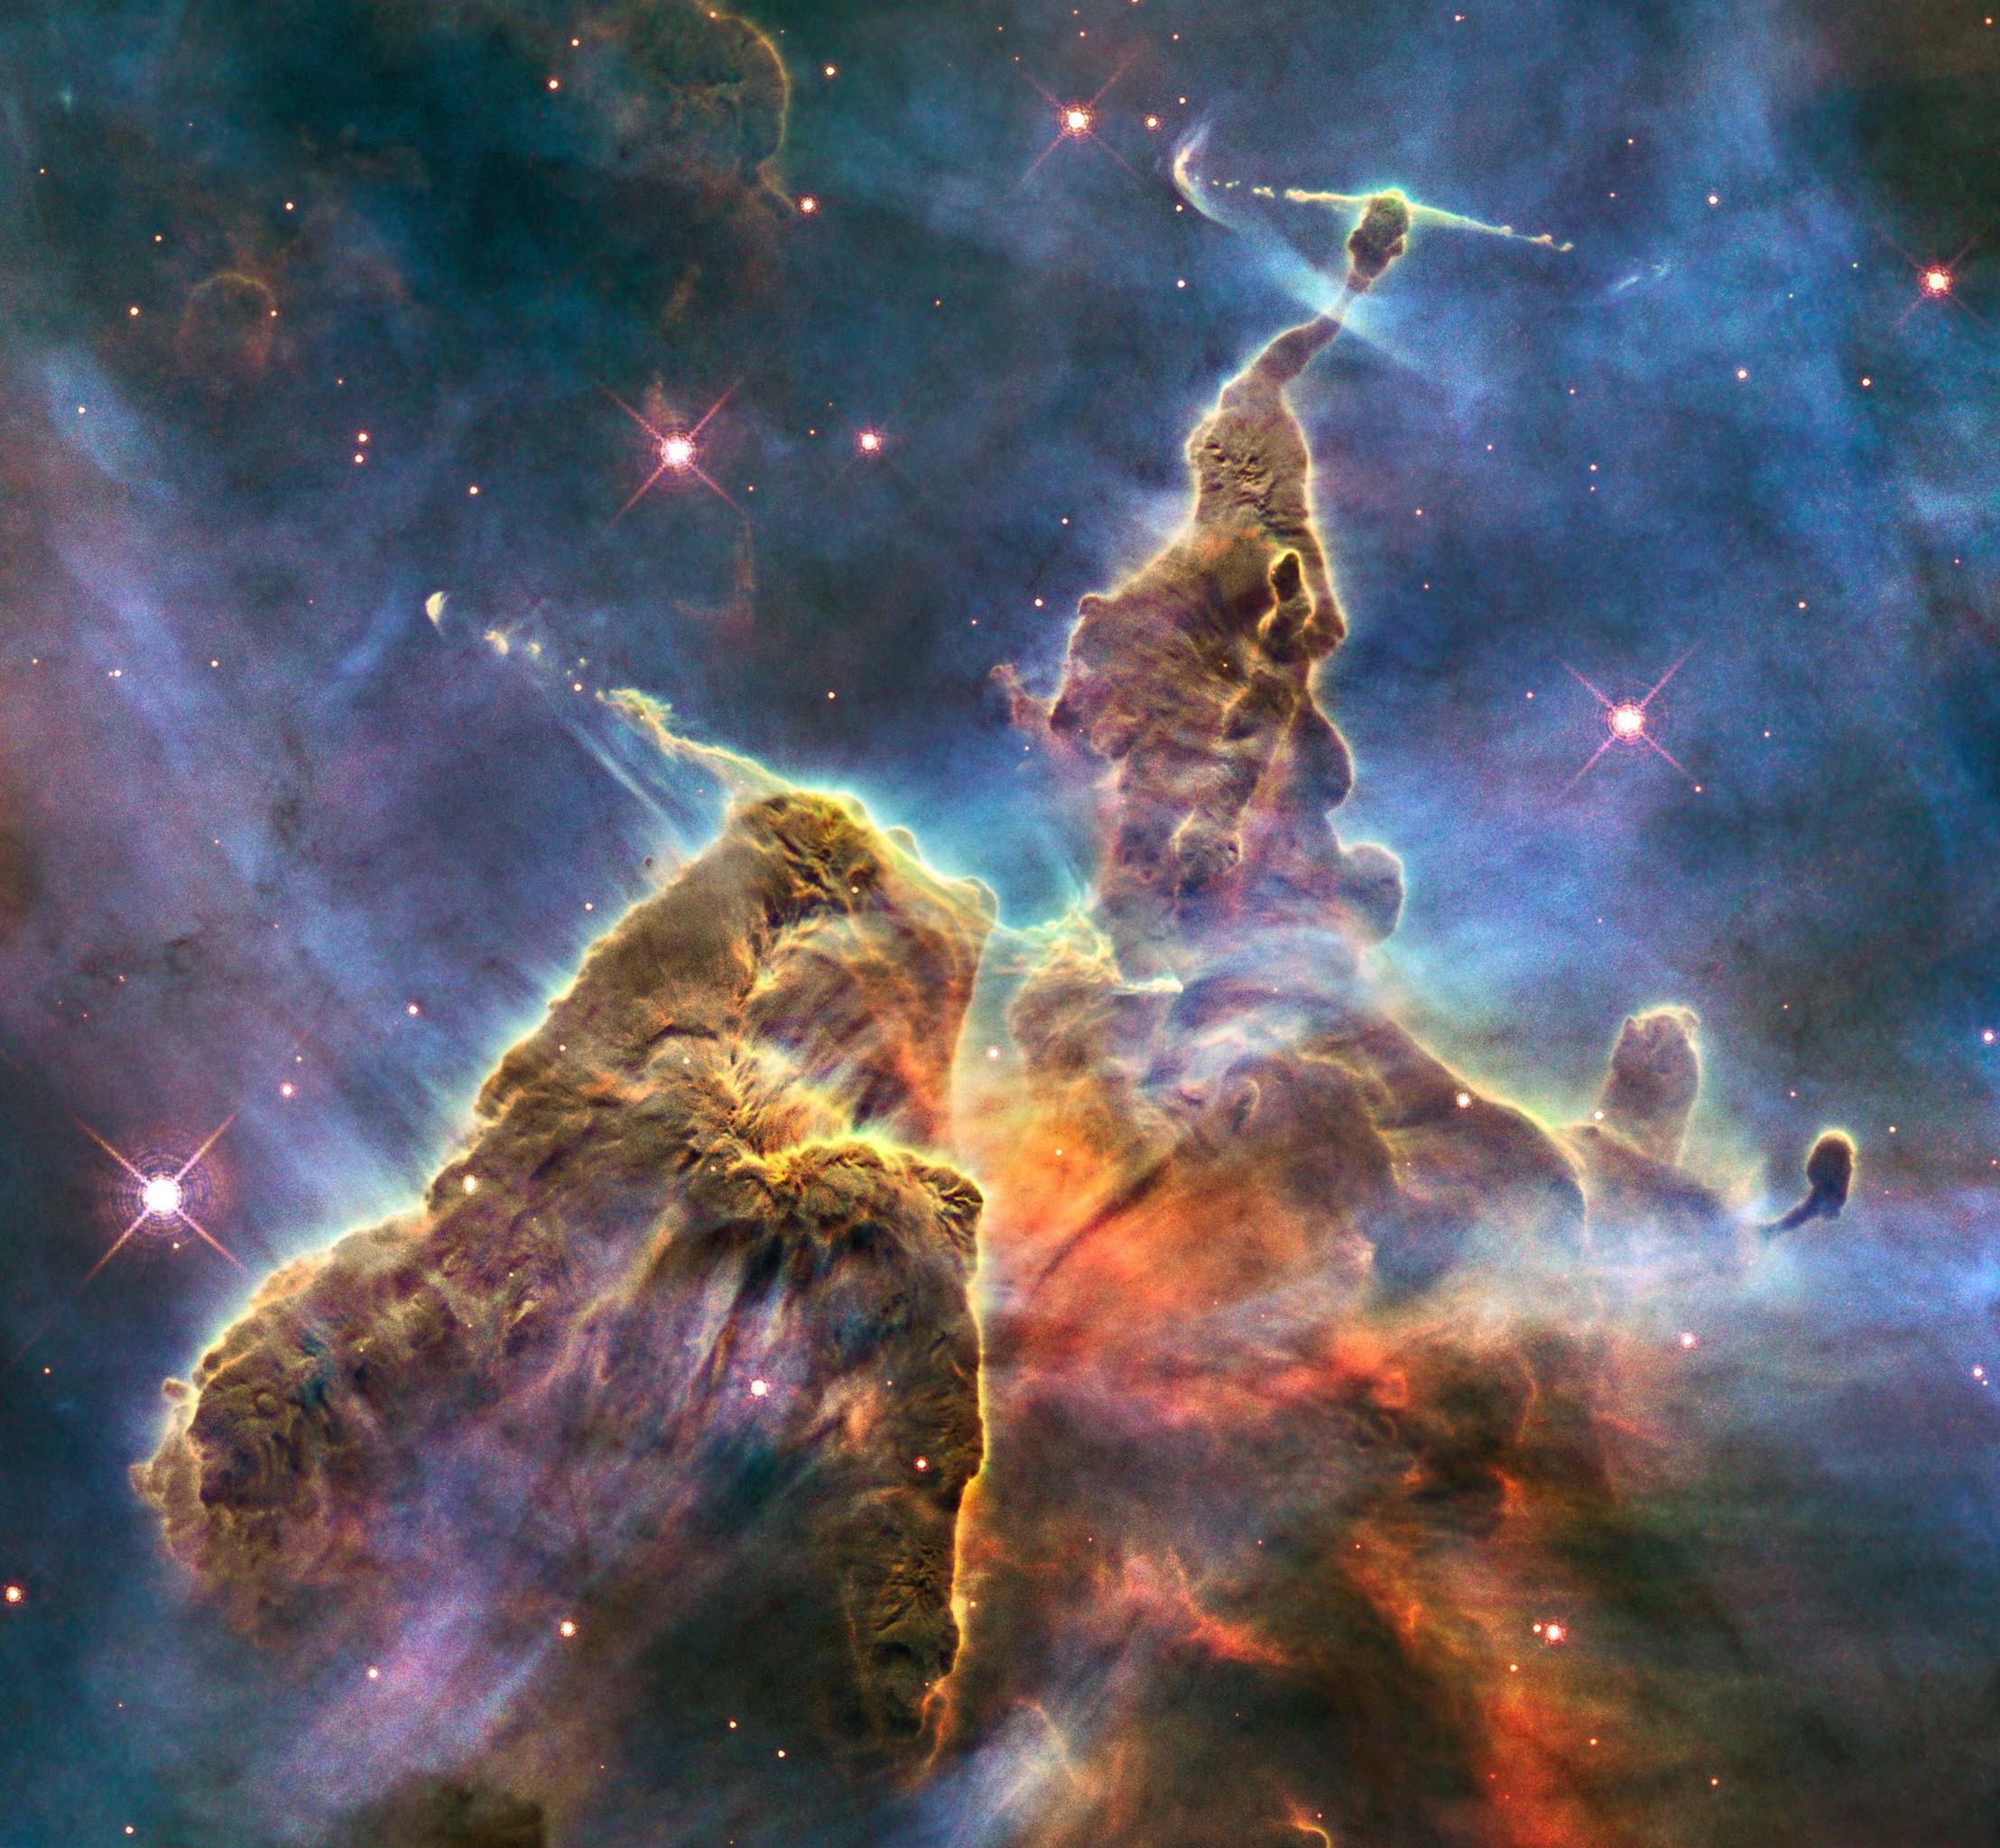 WFC3 nuevas estrellas naciendo